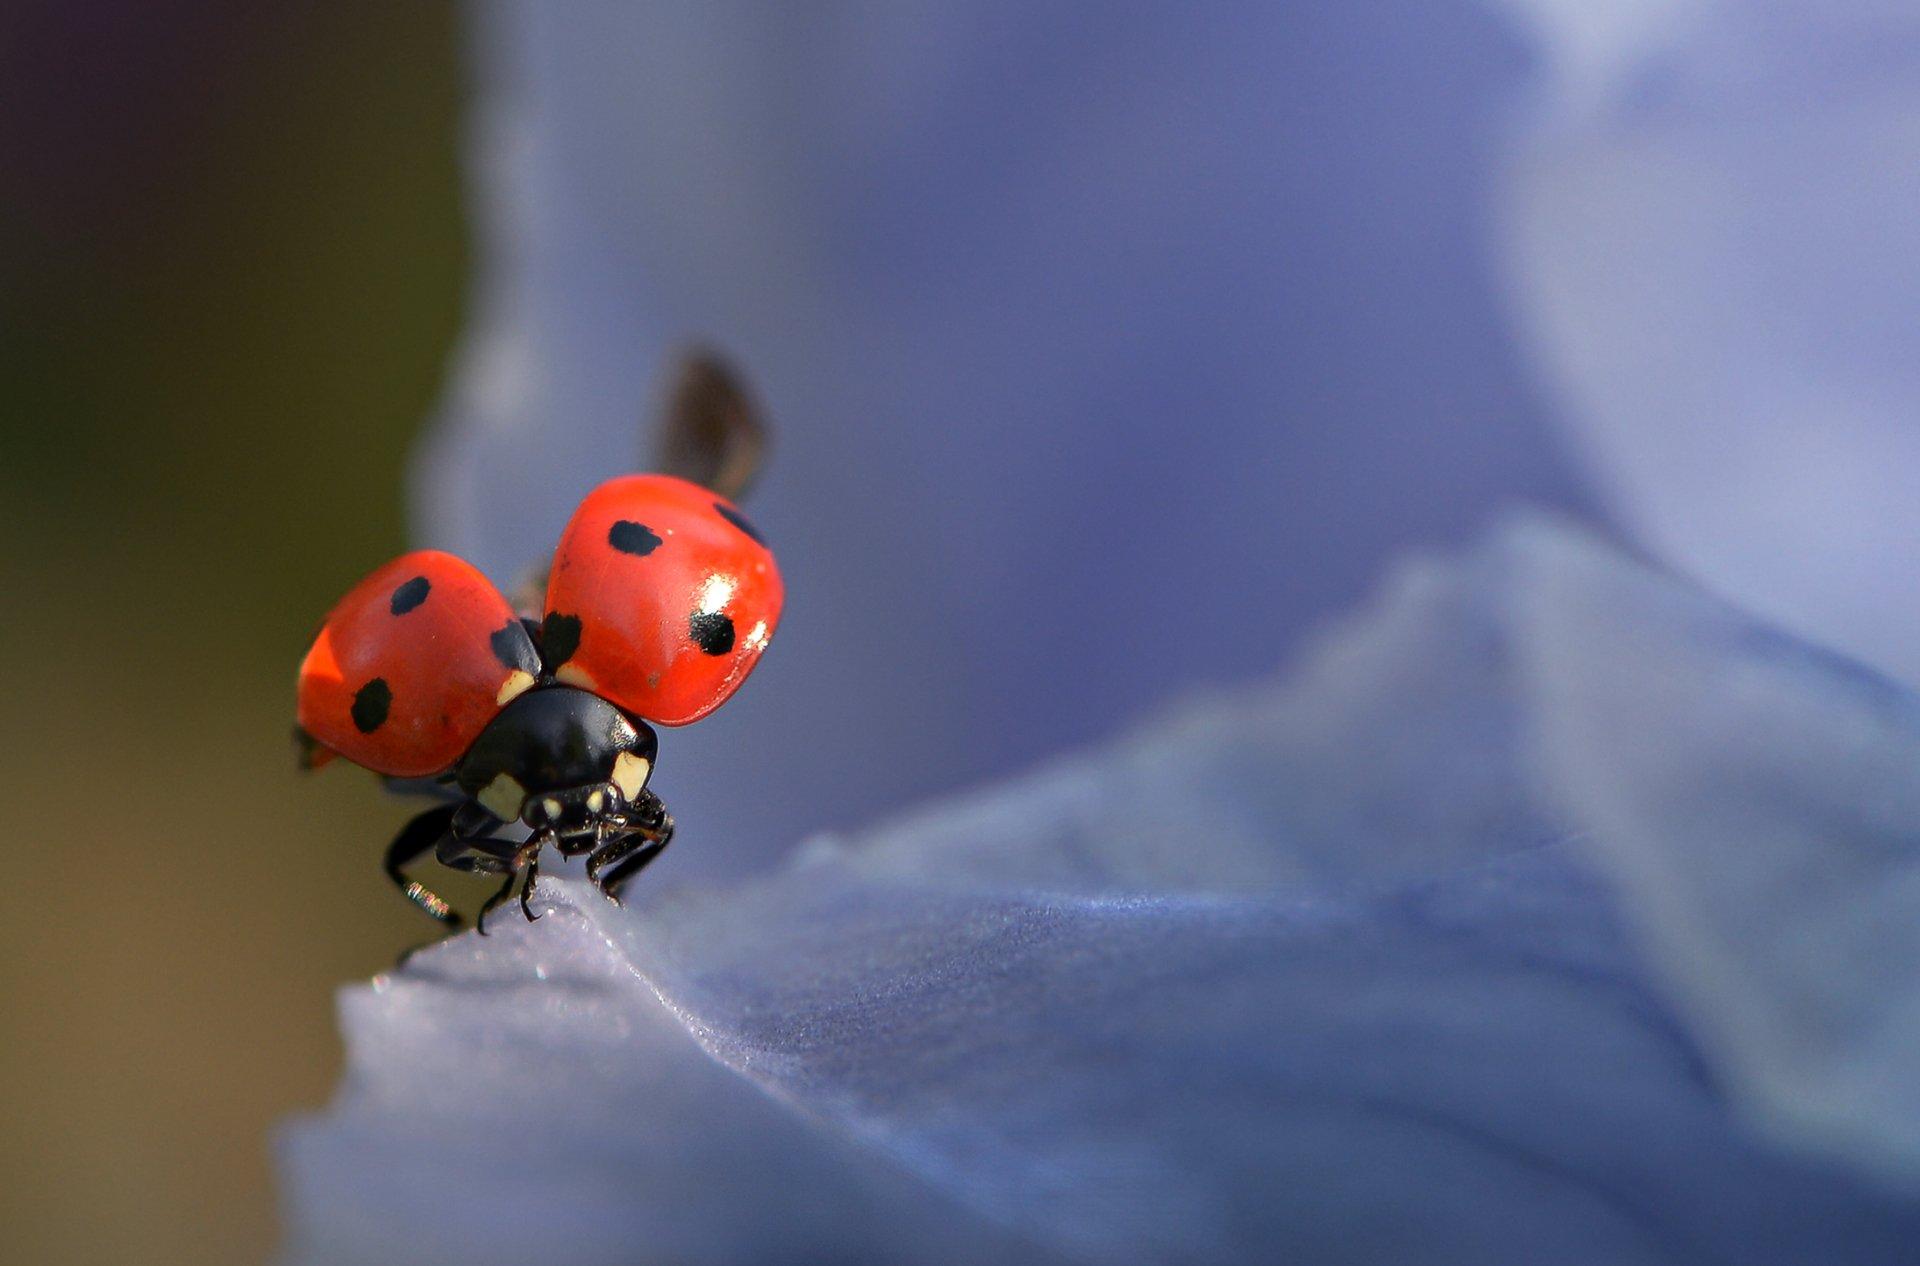 природа, макро, насекомое, жук, божья коровка, первый полет, Неля Рачкова